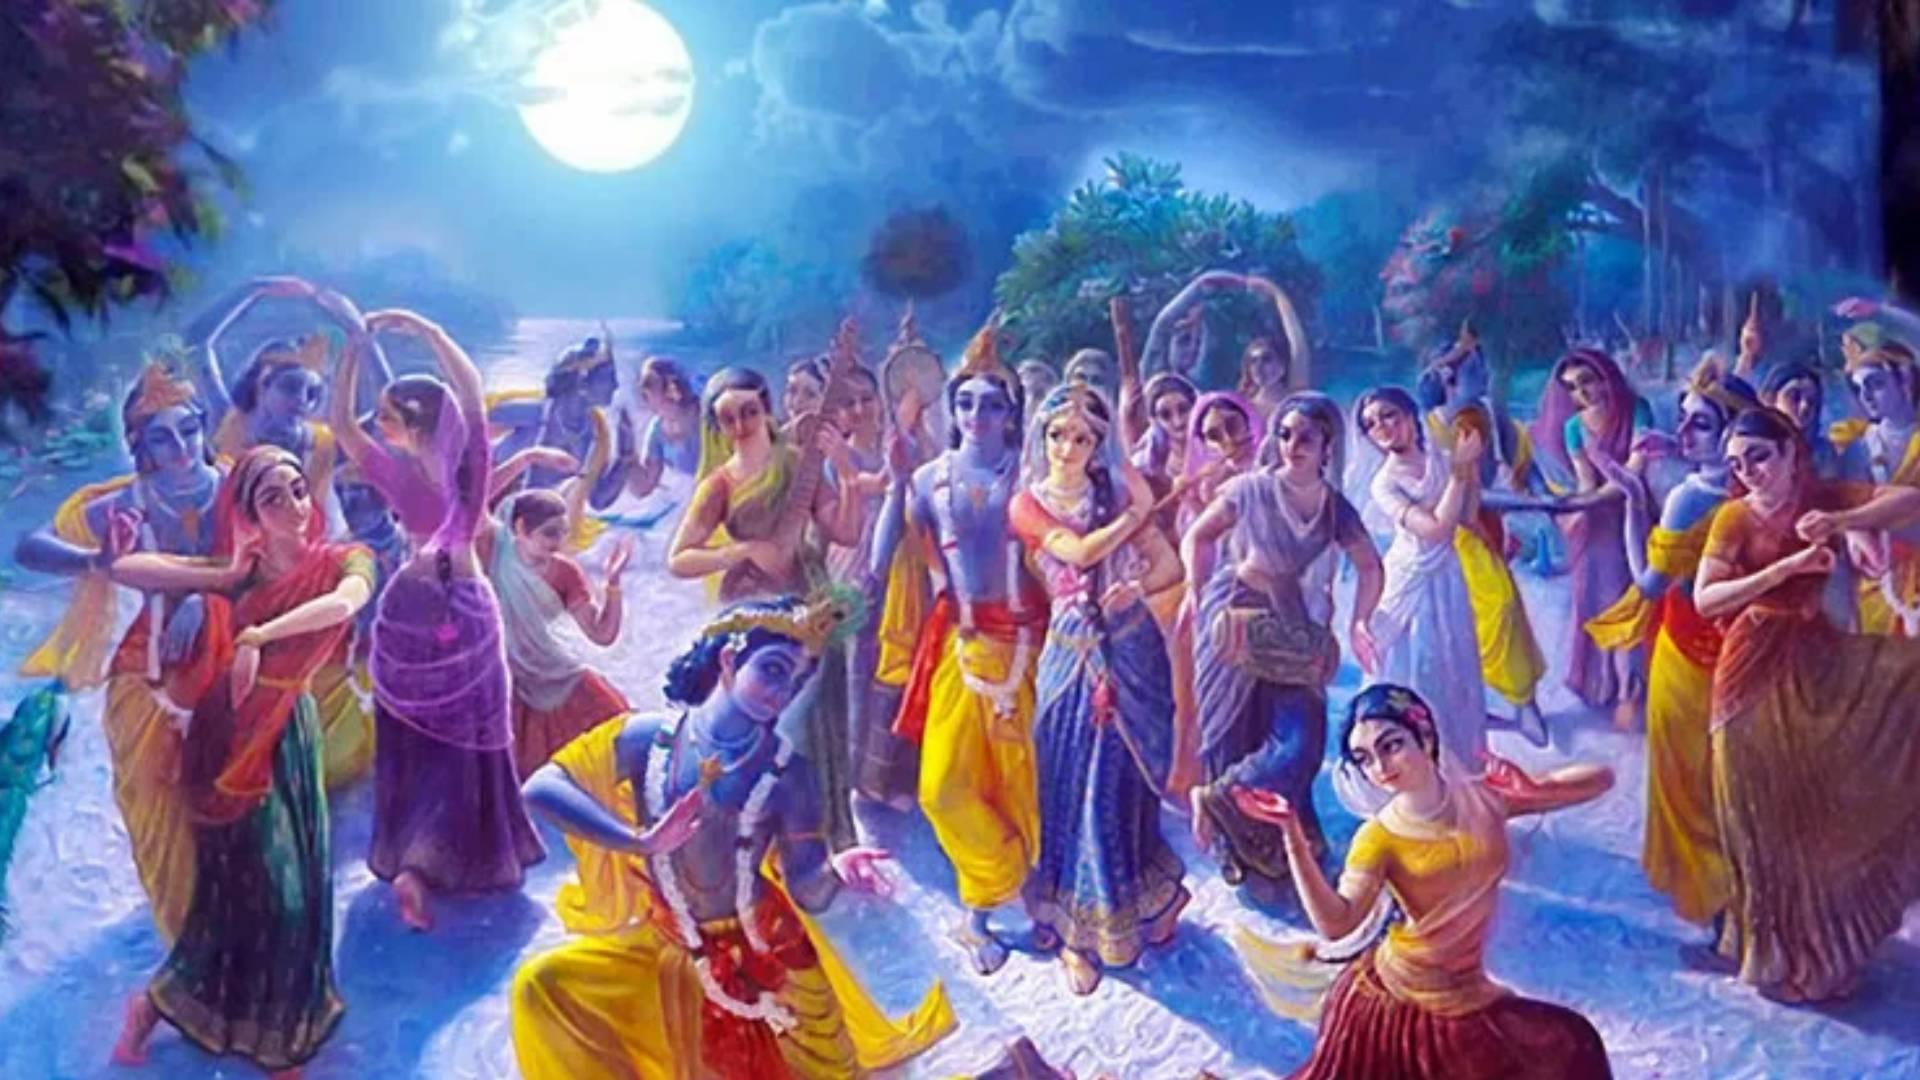 Sharad Purnima 2019: शरद पूर्णिमा के दिन ऐसे करें मां लक्ष्मी का पूजन, यहां जानिए तिथि, शुभ मुहूर्त, पूजा विधि